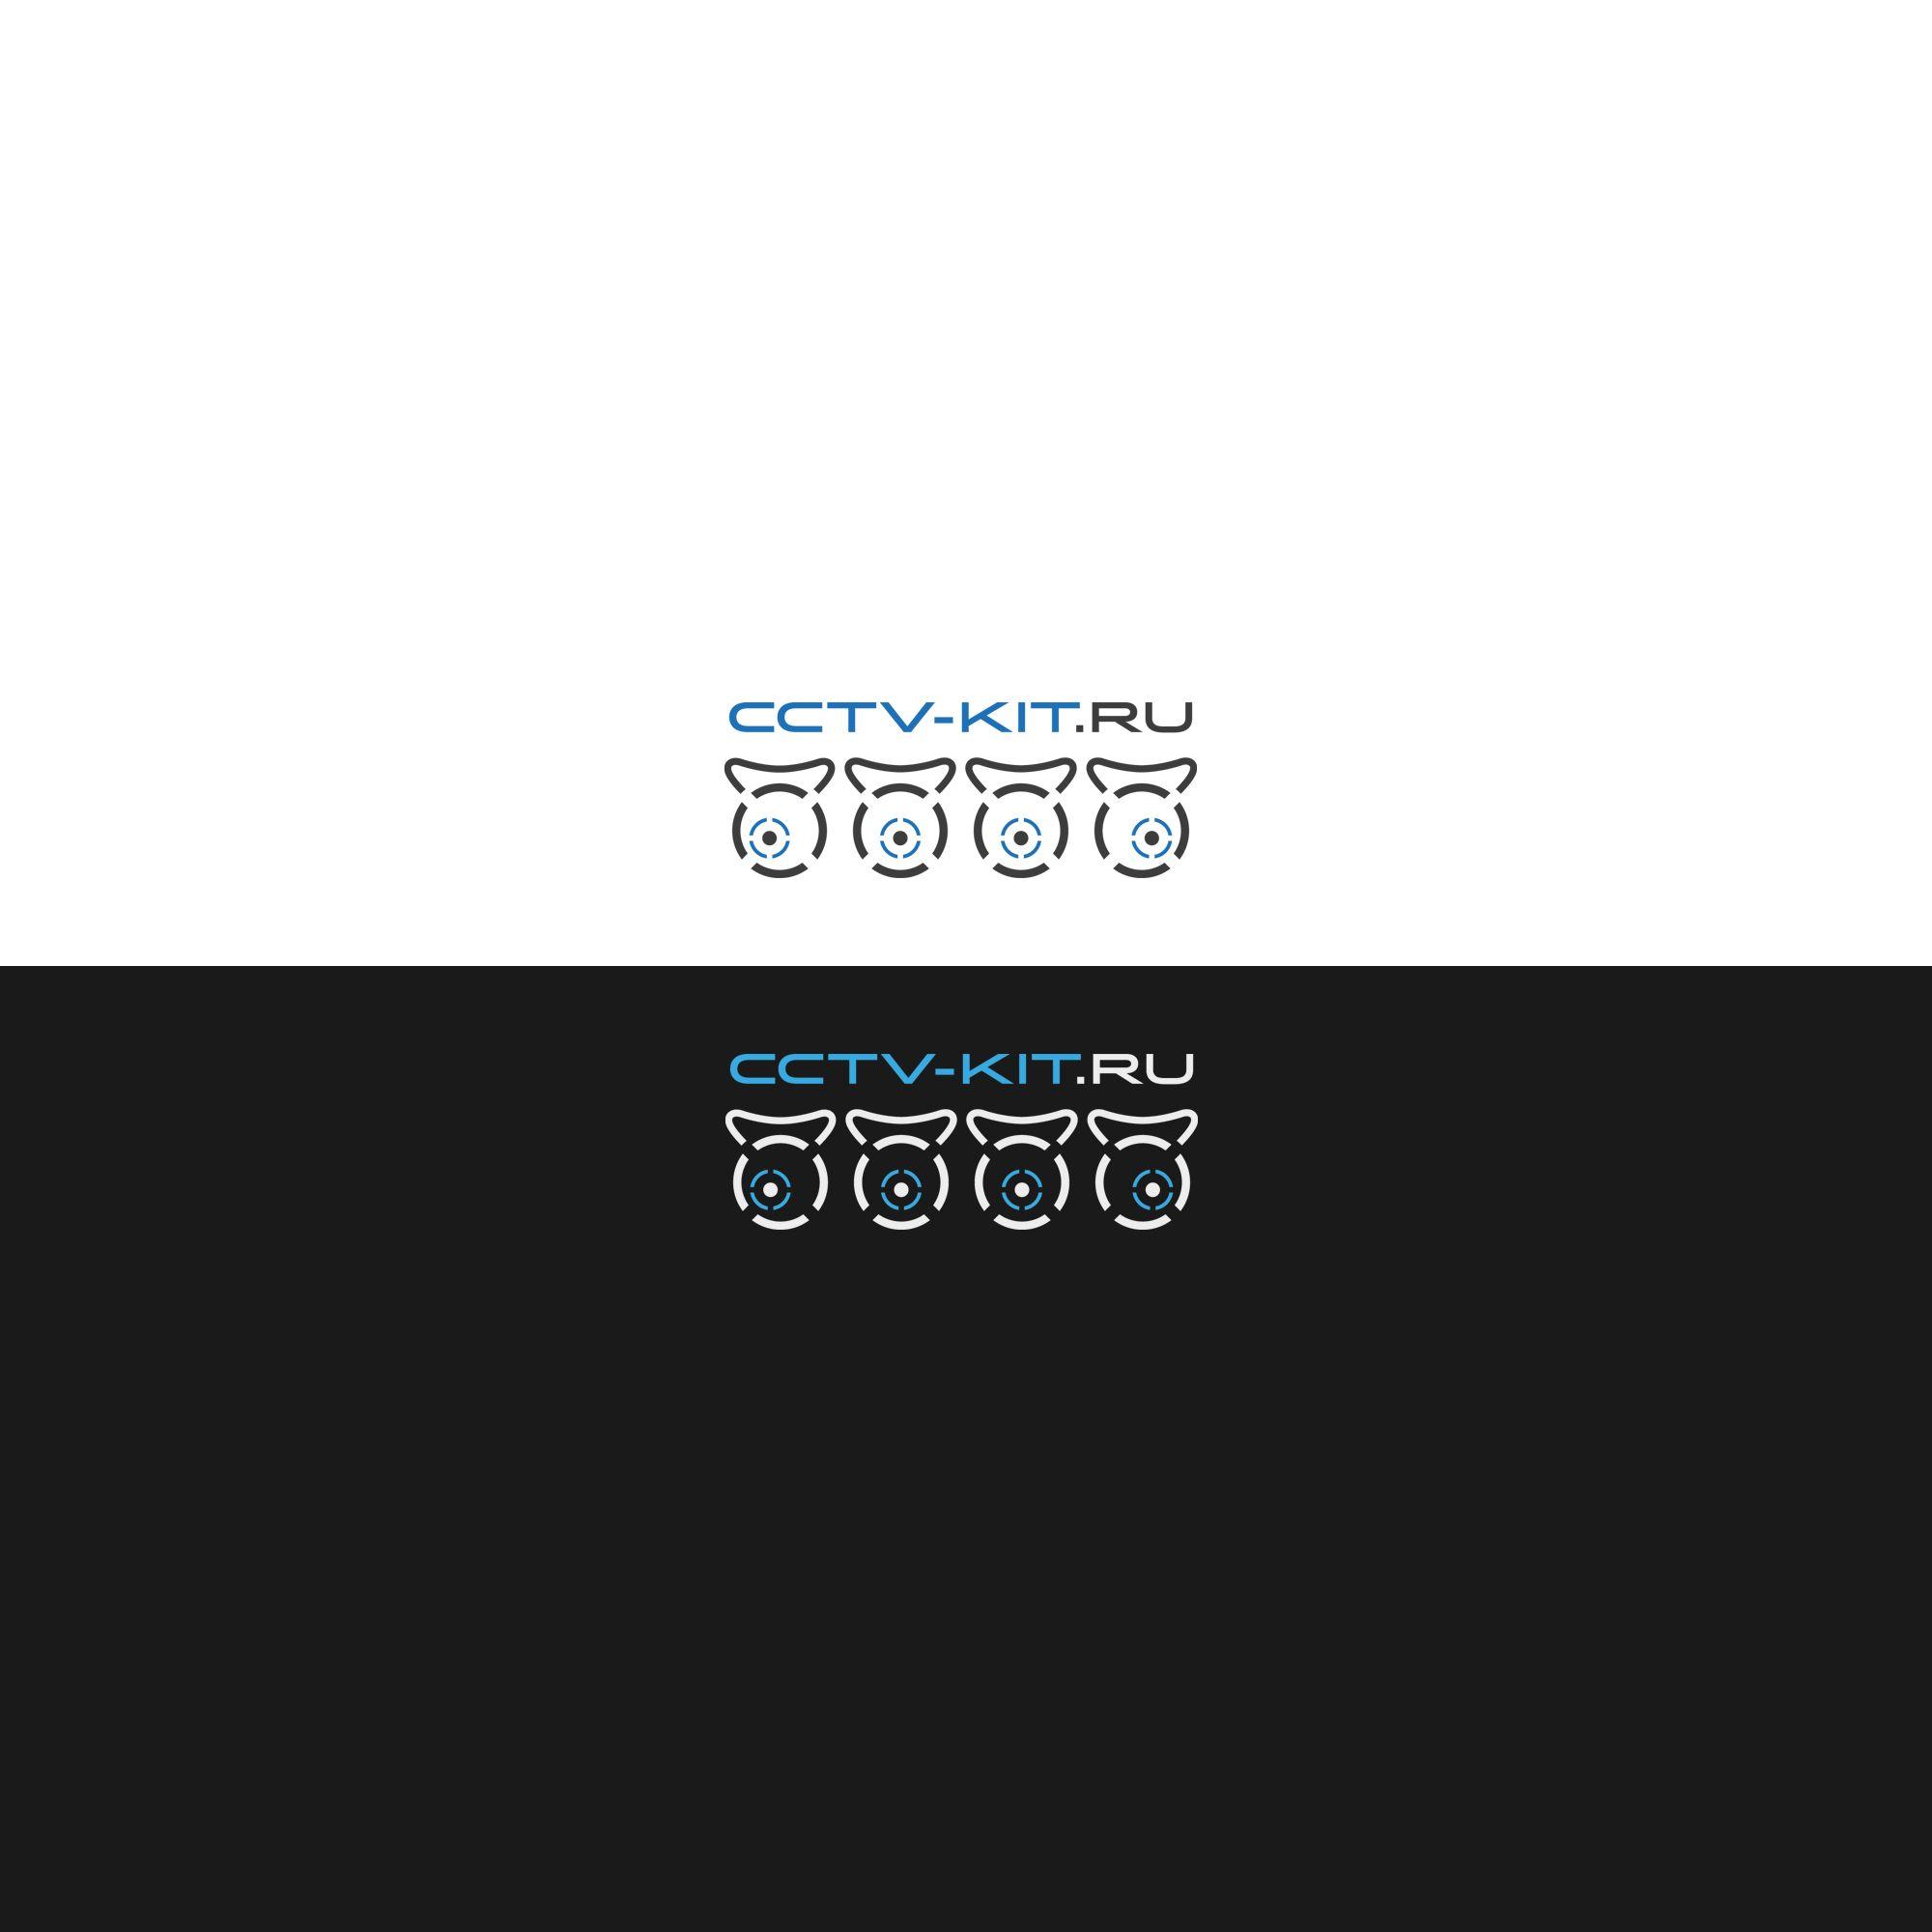 Логотип для интернет-магазина видеонаблюдения - дизайнер Gas-Min